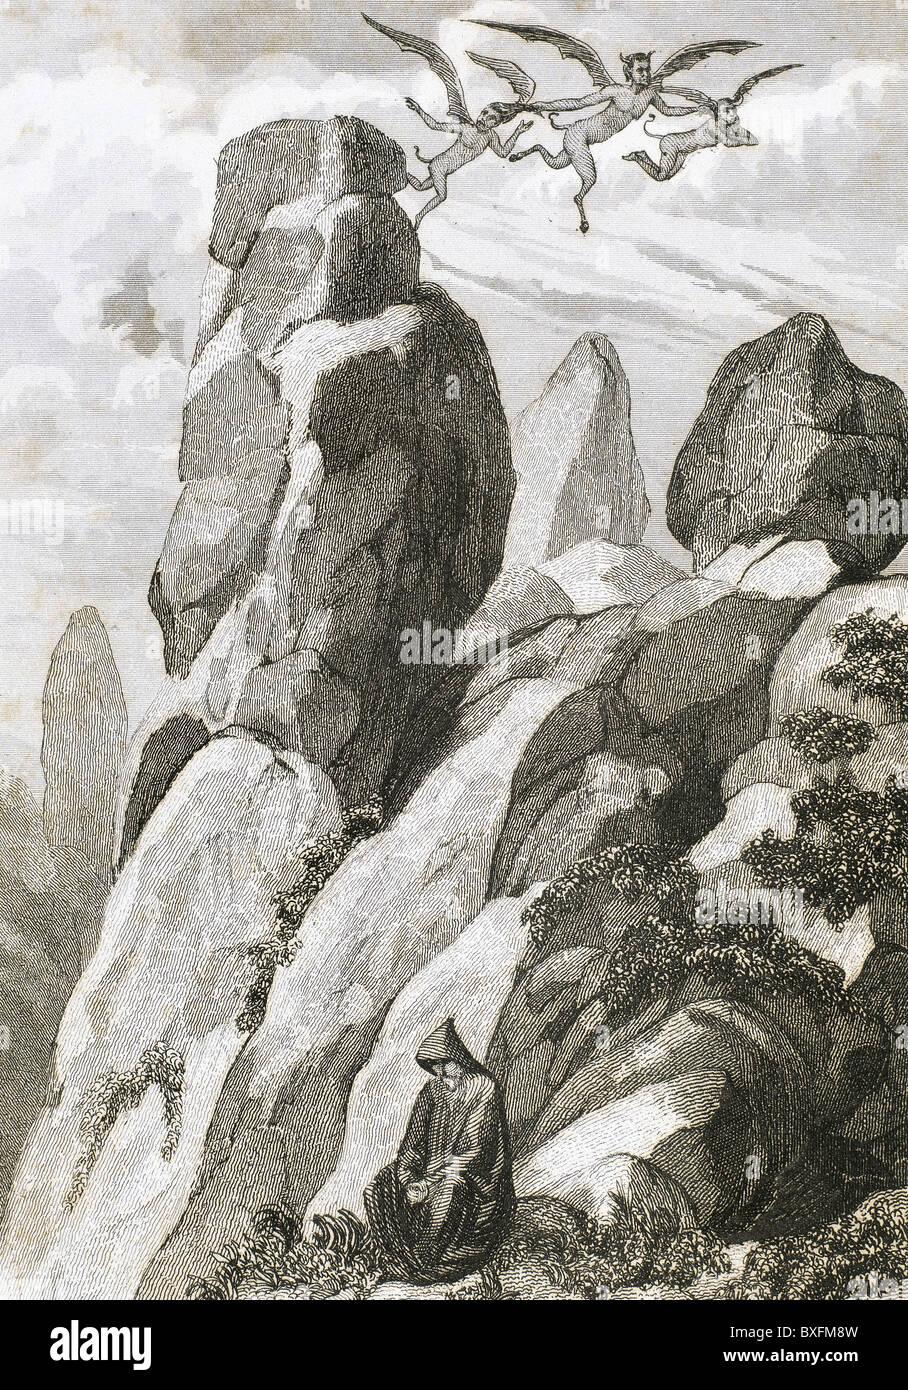 Légende de Fray Juan Garin, ermite de Montserrat. Fray Garin méditant sur la montagne de Montserrat. Banque D'Images